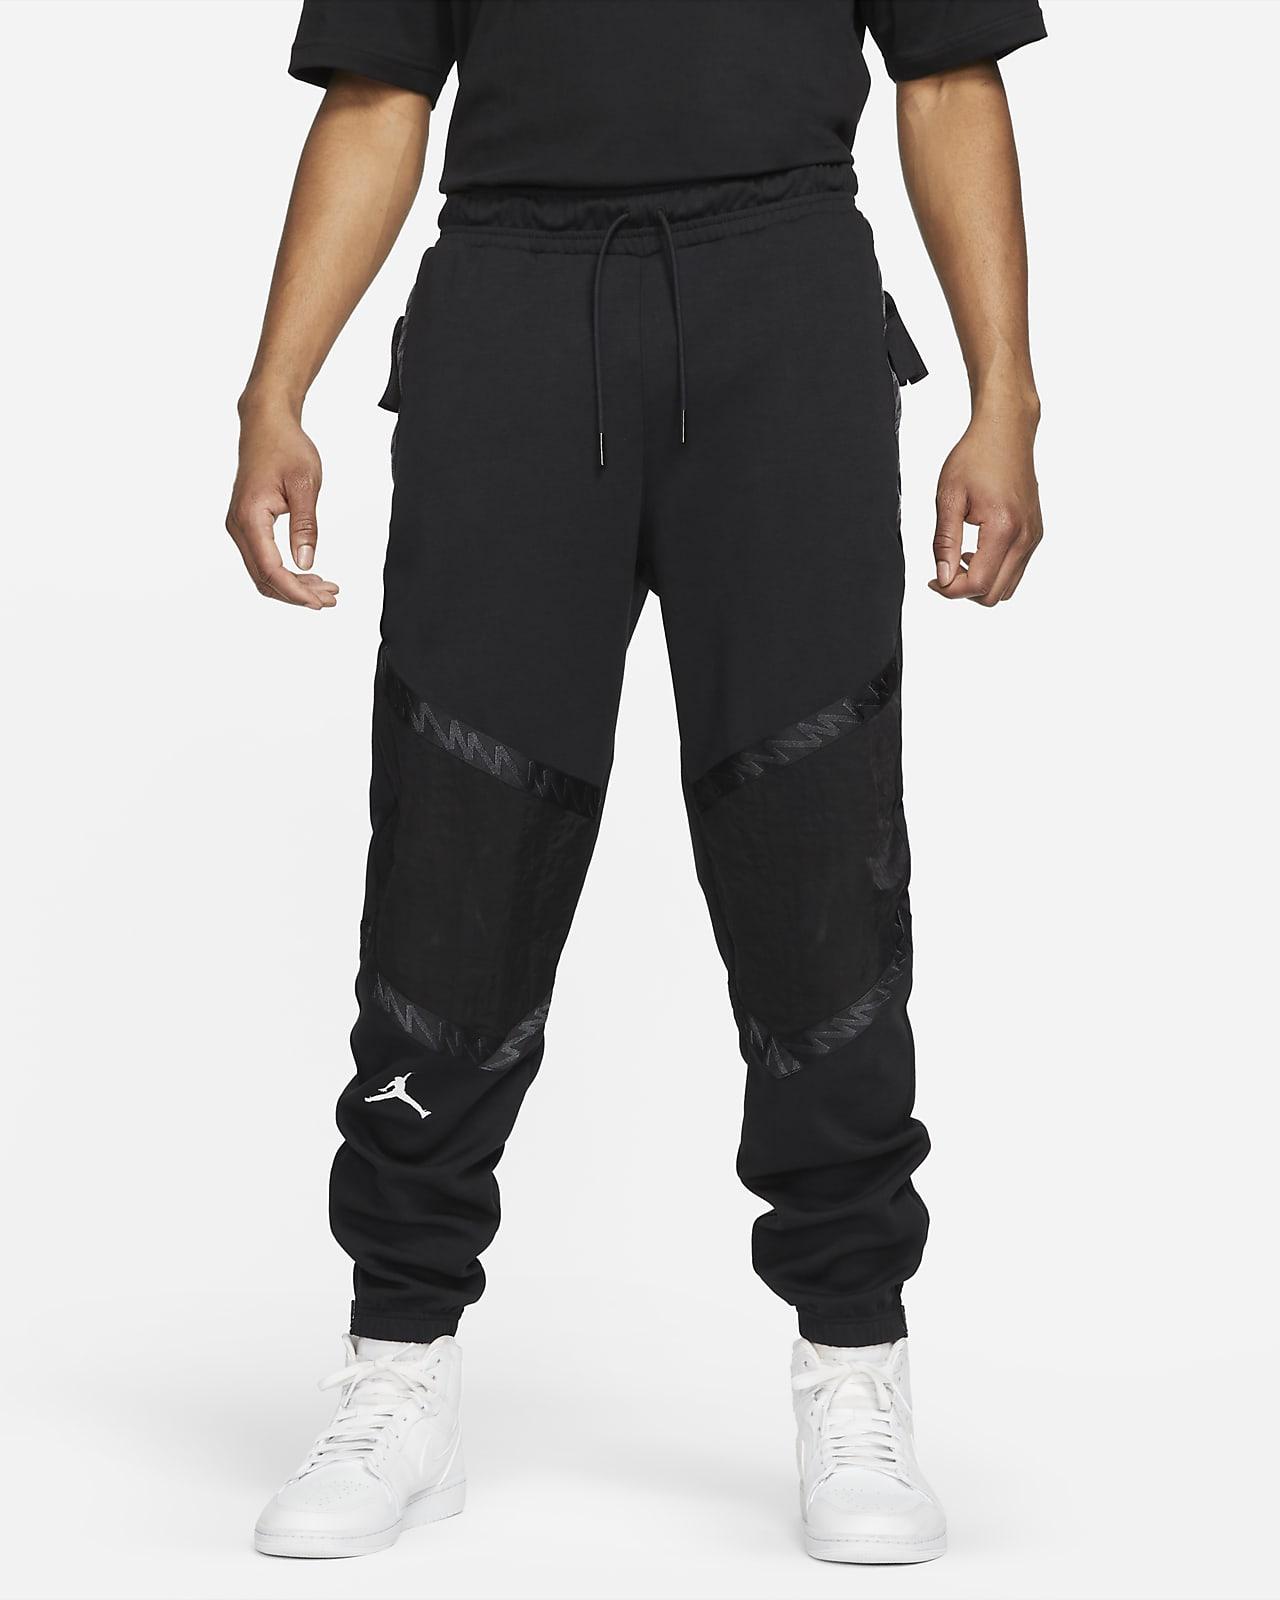 กางเกงฟลีซขายาวผู้ชาย Jordan Dri-FIT Zion